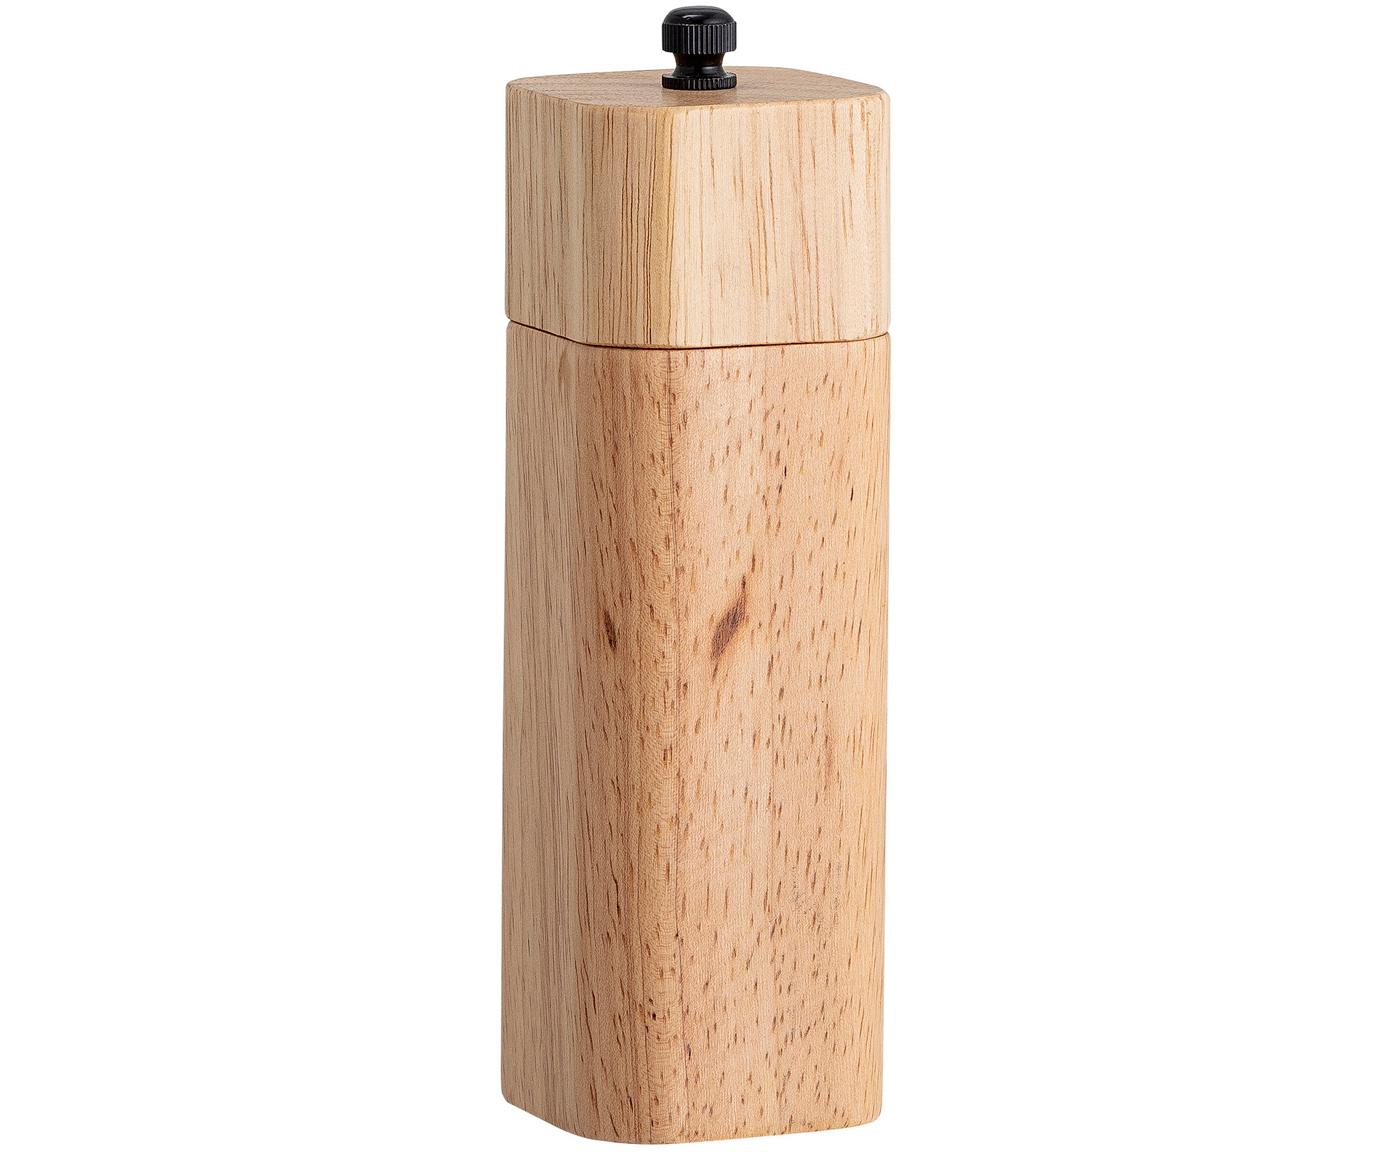 Zout- en pepermolen Mill van hout, Rubberhout, edelstaal, Beige, Ø 9 x H 8 cm